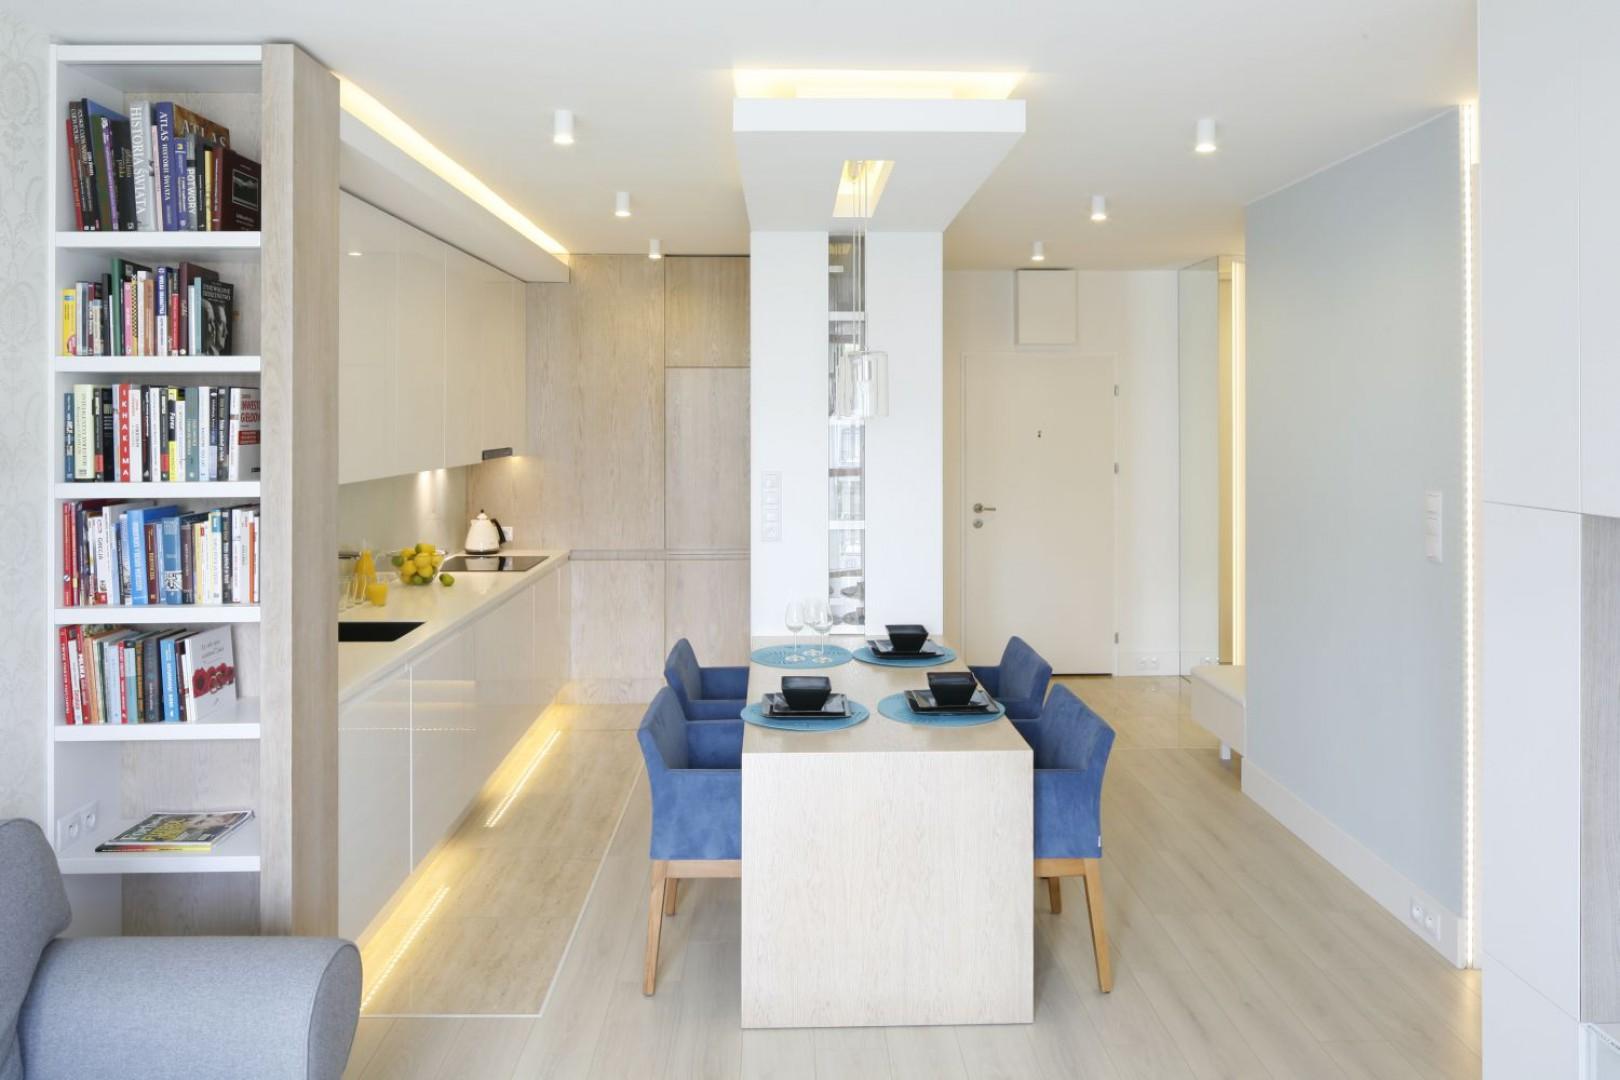 Dzięki takiemu rozwiązaniu mieszkanie wyda się bardziej przestronne. Projekt: Agnieszka Zaremba, Magdalena Kostrzewa-Świątek. Fot. Bartosz Jarosz